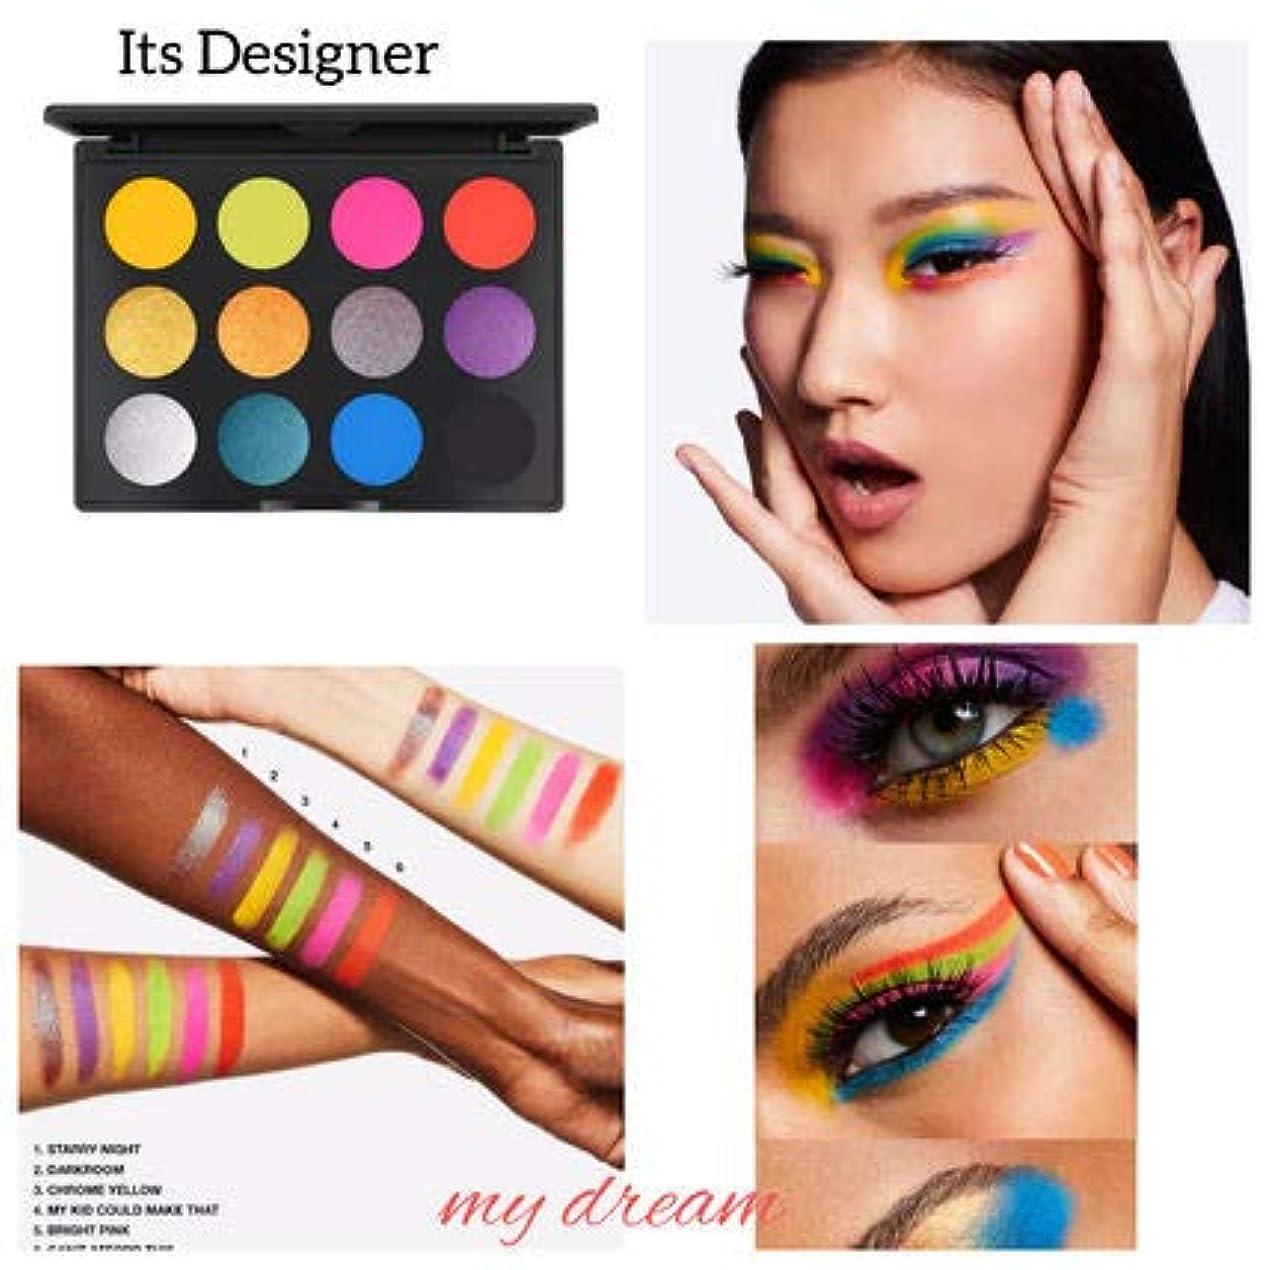 ワーディアンケースできる上にMAC マック Art Library Eyeshadow Paletteアイシャドウ パレット12色ITS DESIGNER [並行輸入品]